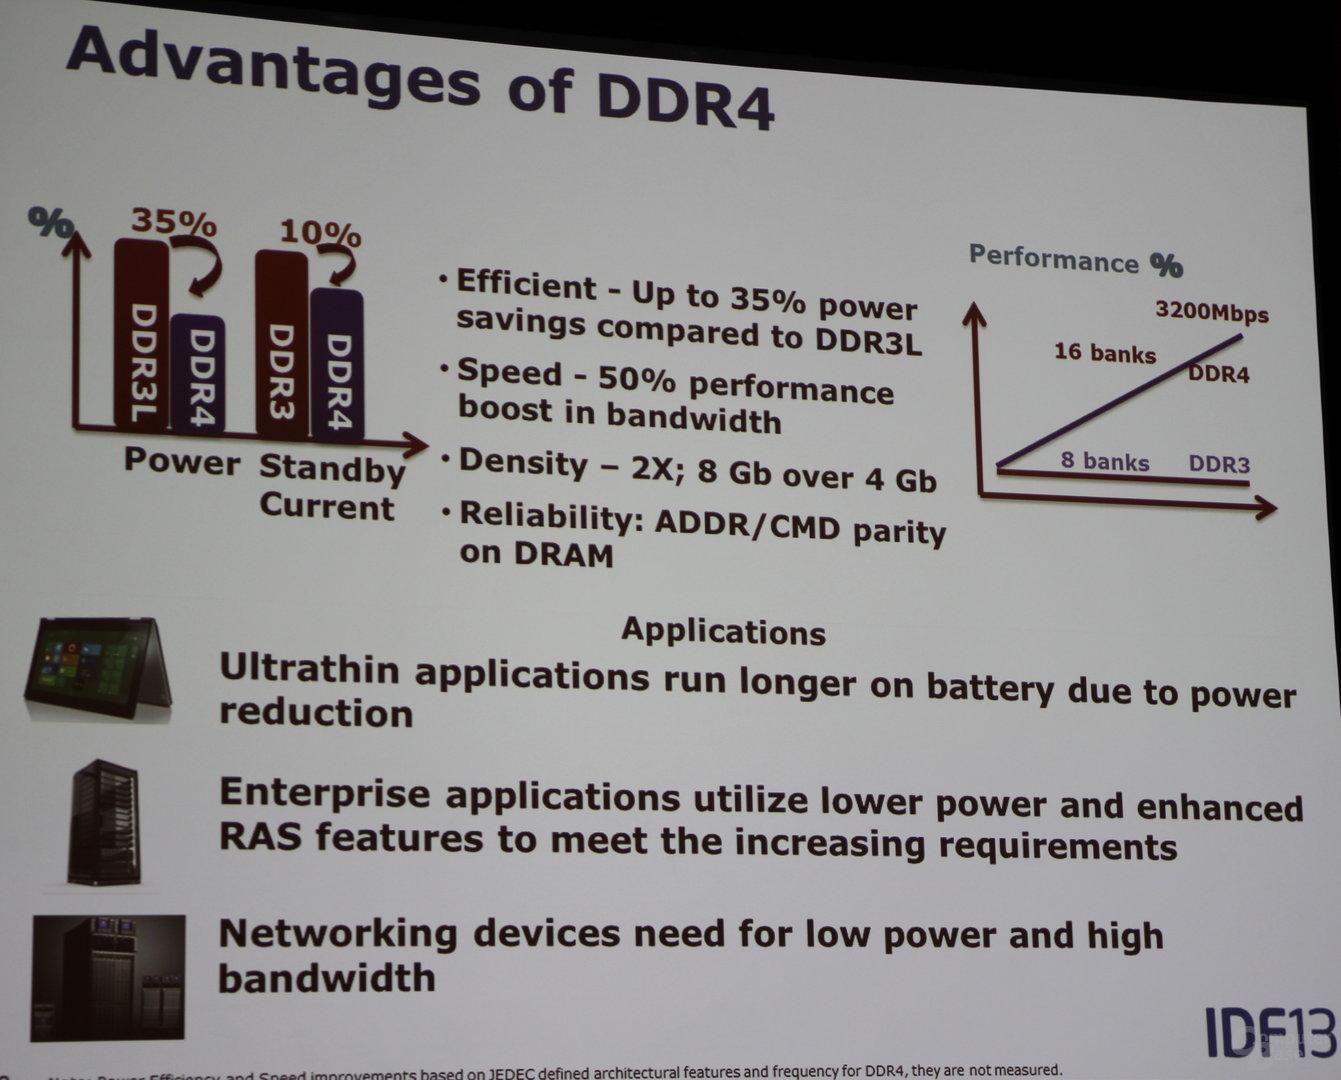 DDR4 im Vergleich zu DDR3